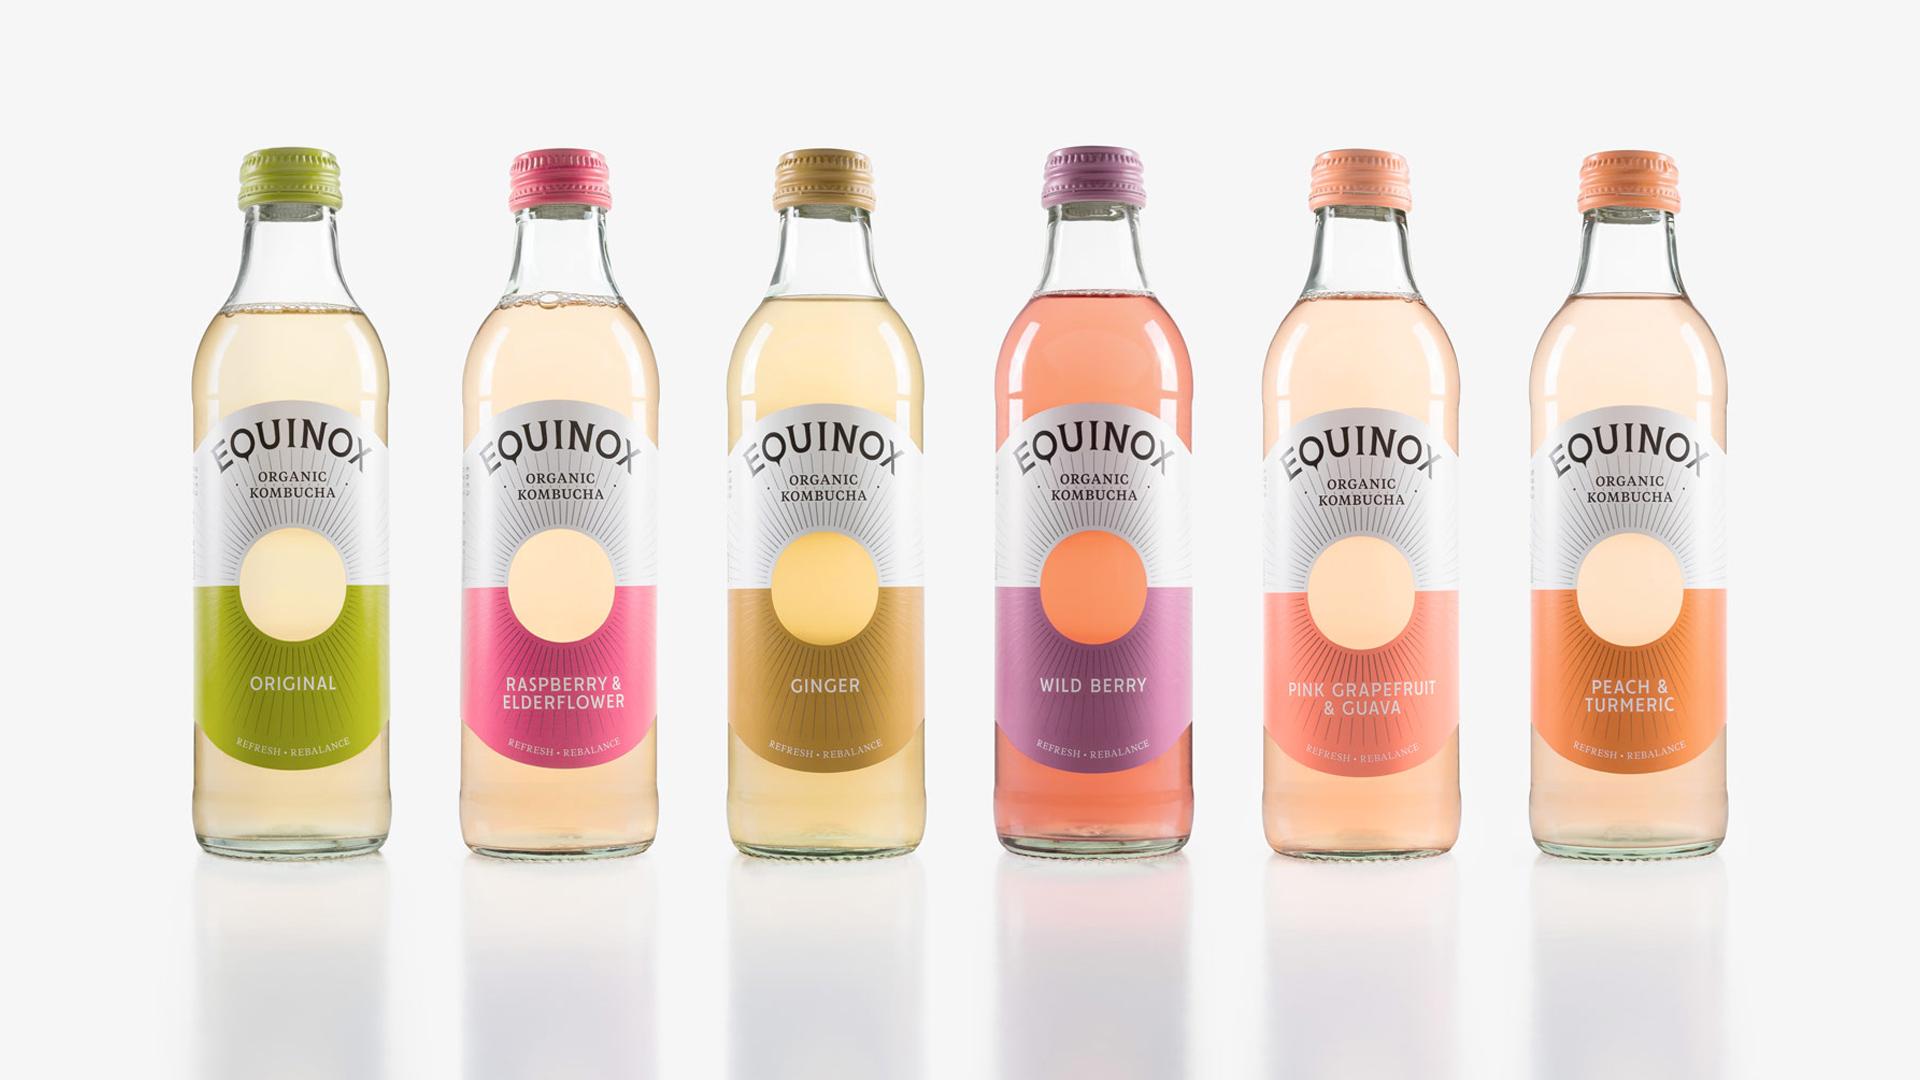 equinox-bottle-packaging-food-artwork